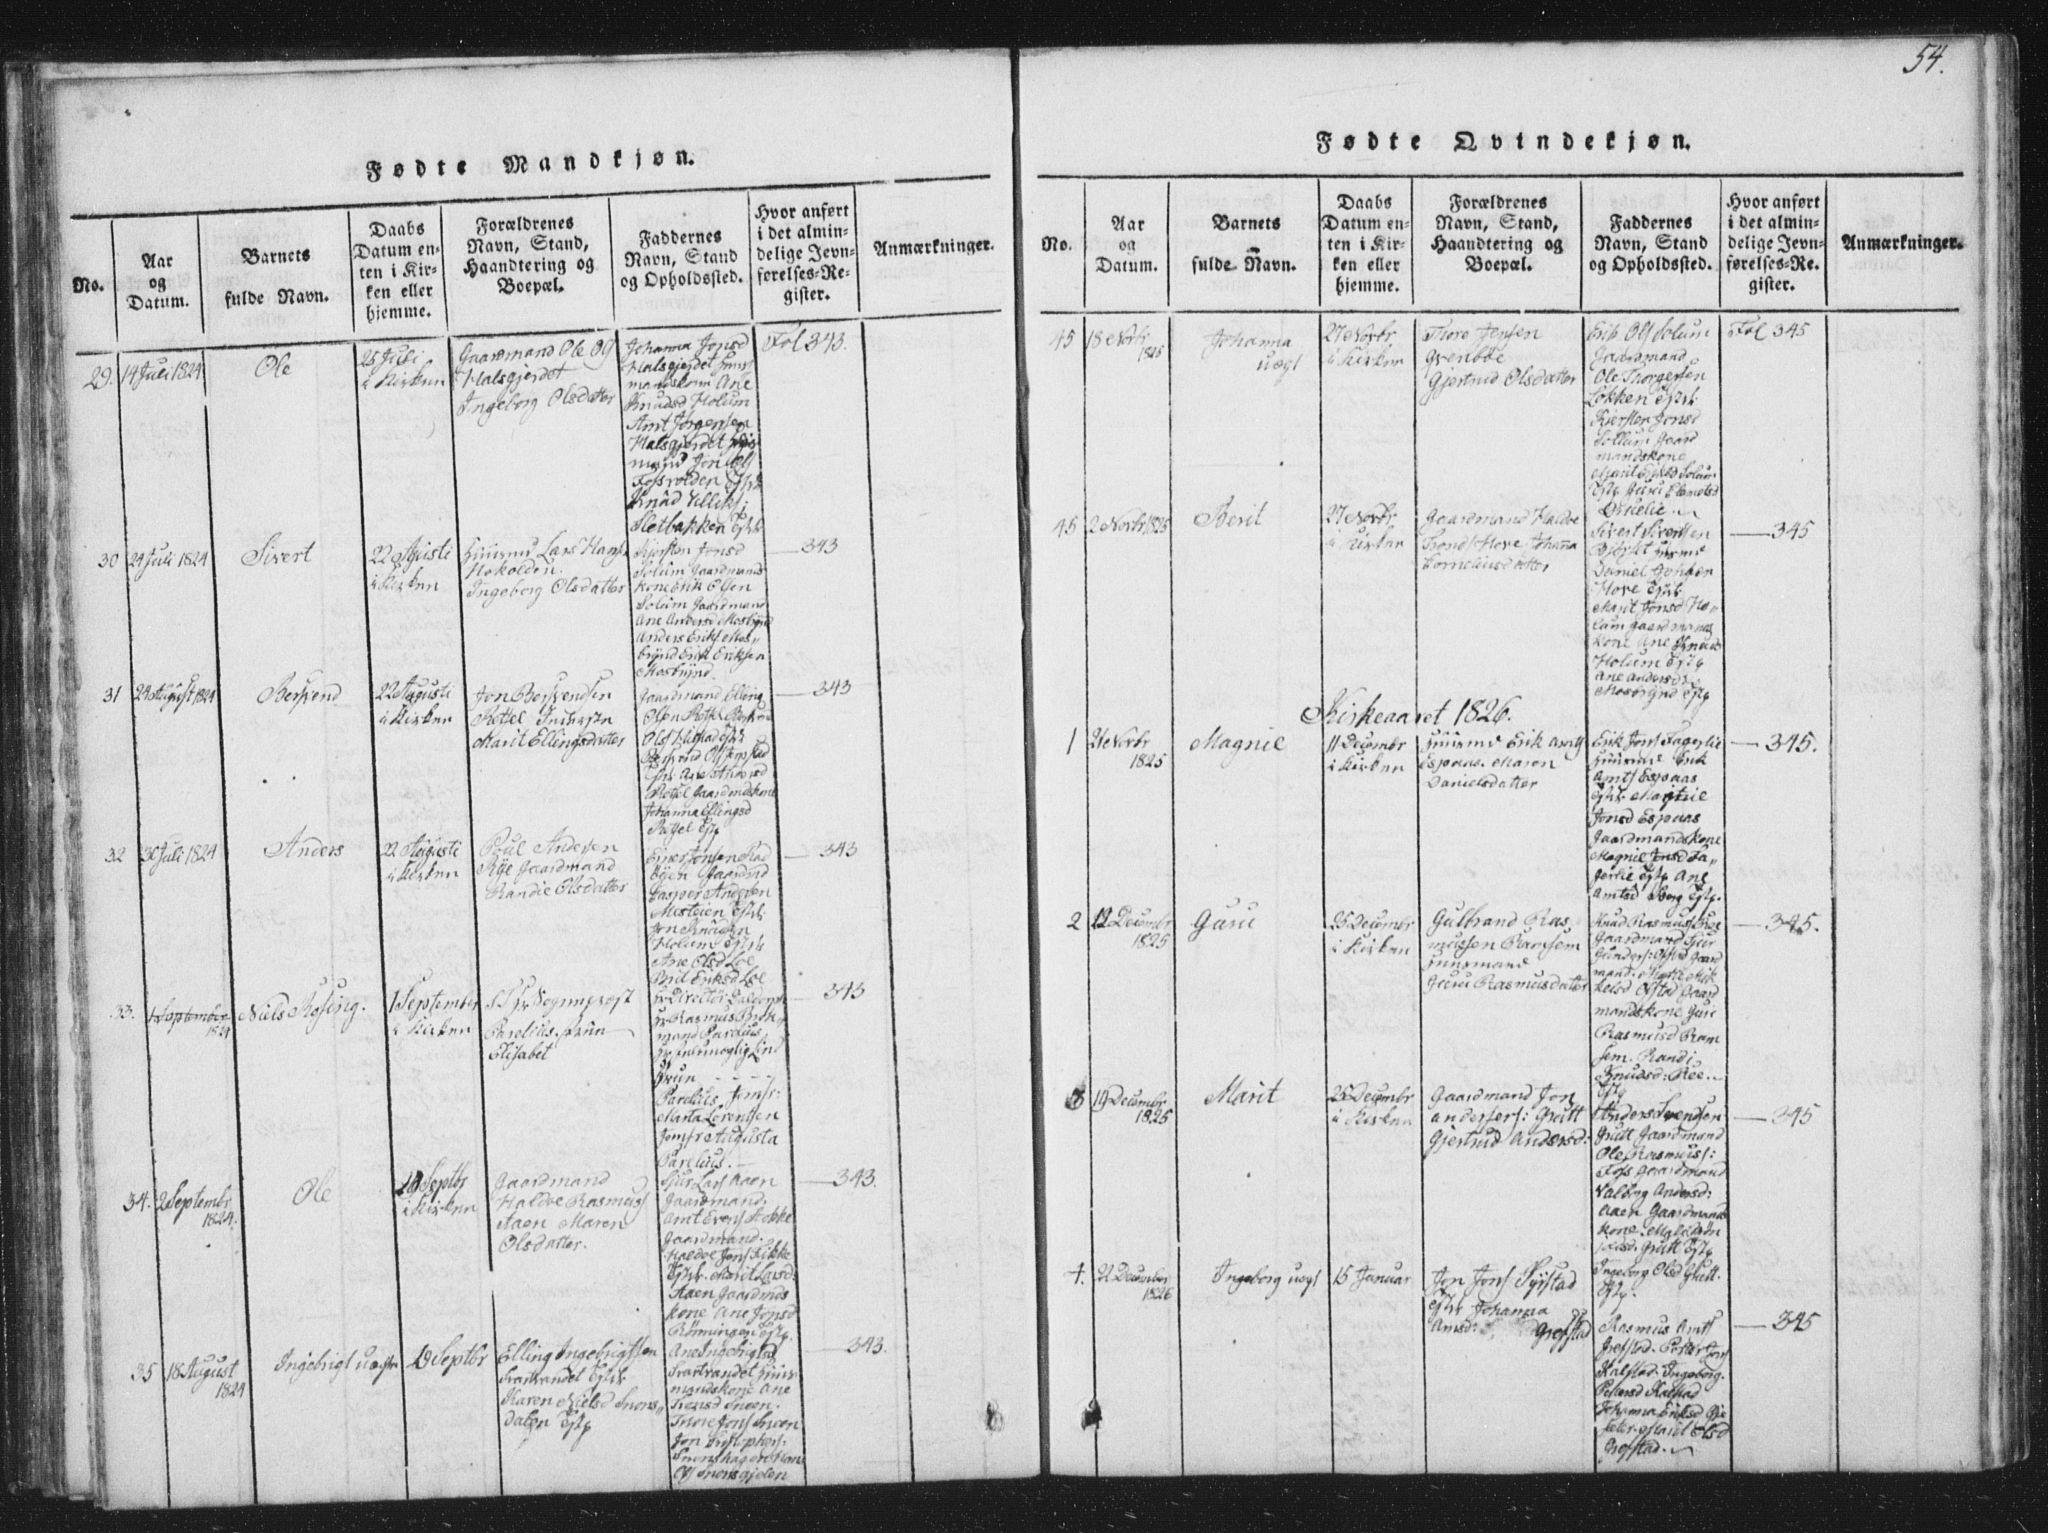 SAT, Ministerialprotokoller, klokkerbøker og fødselsregistre - Sør-Trøndelag, 672/L0862: Klokkerbok nr. 672C01, 1816-1831, s. 54